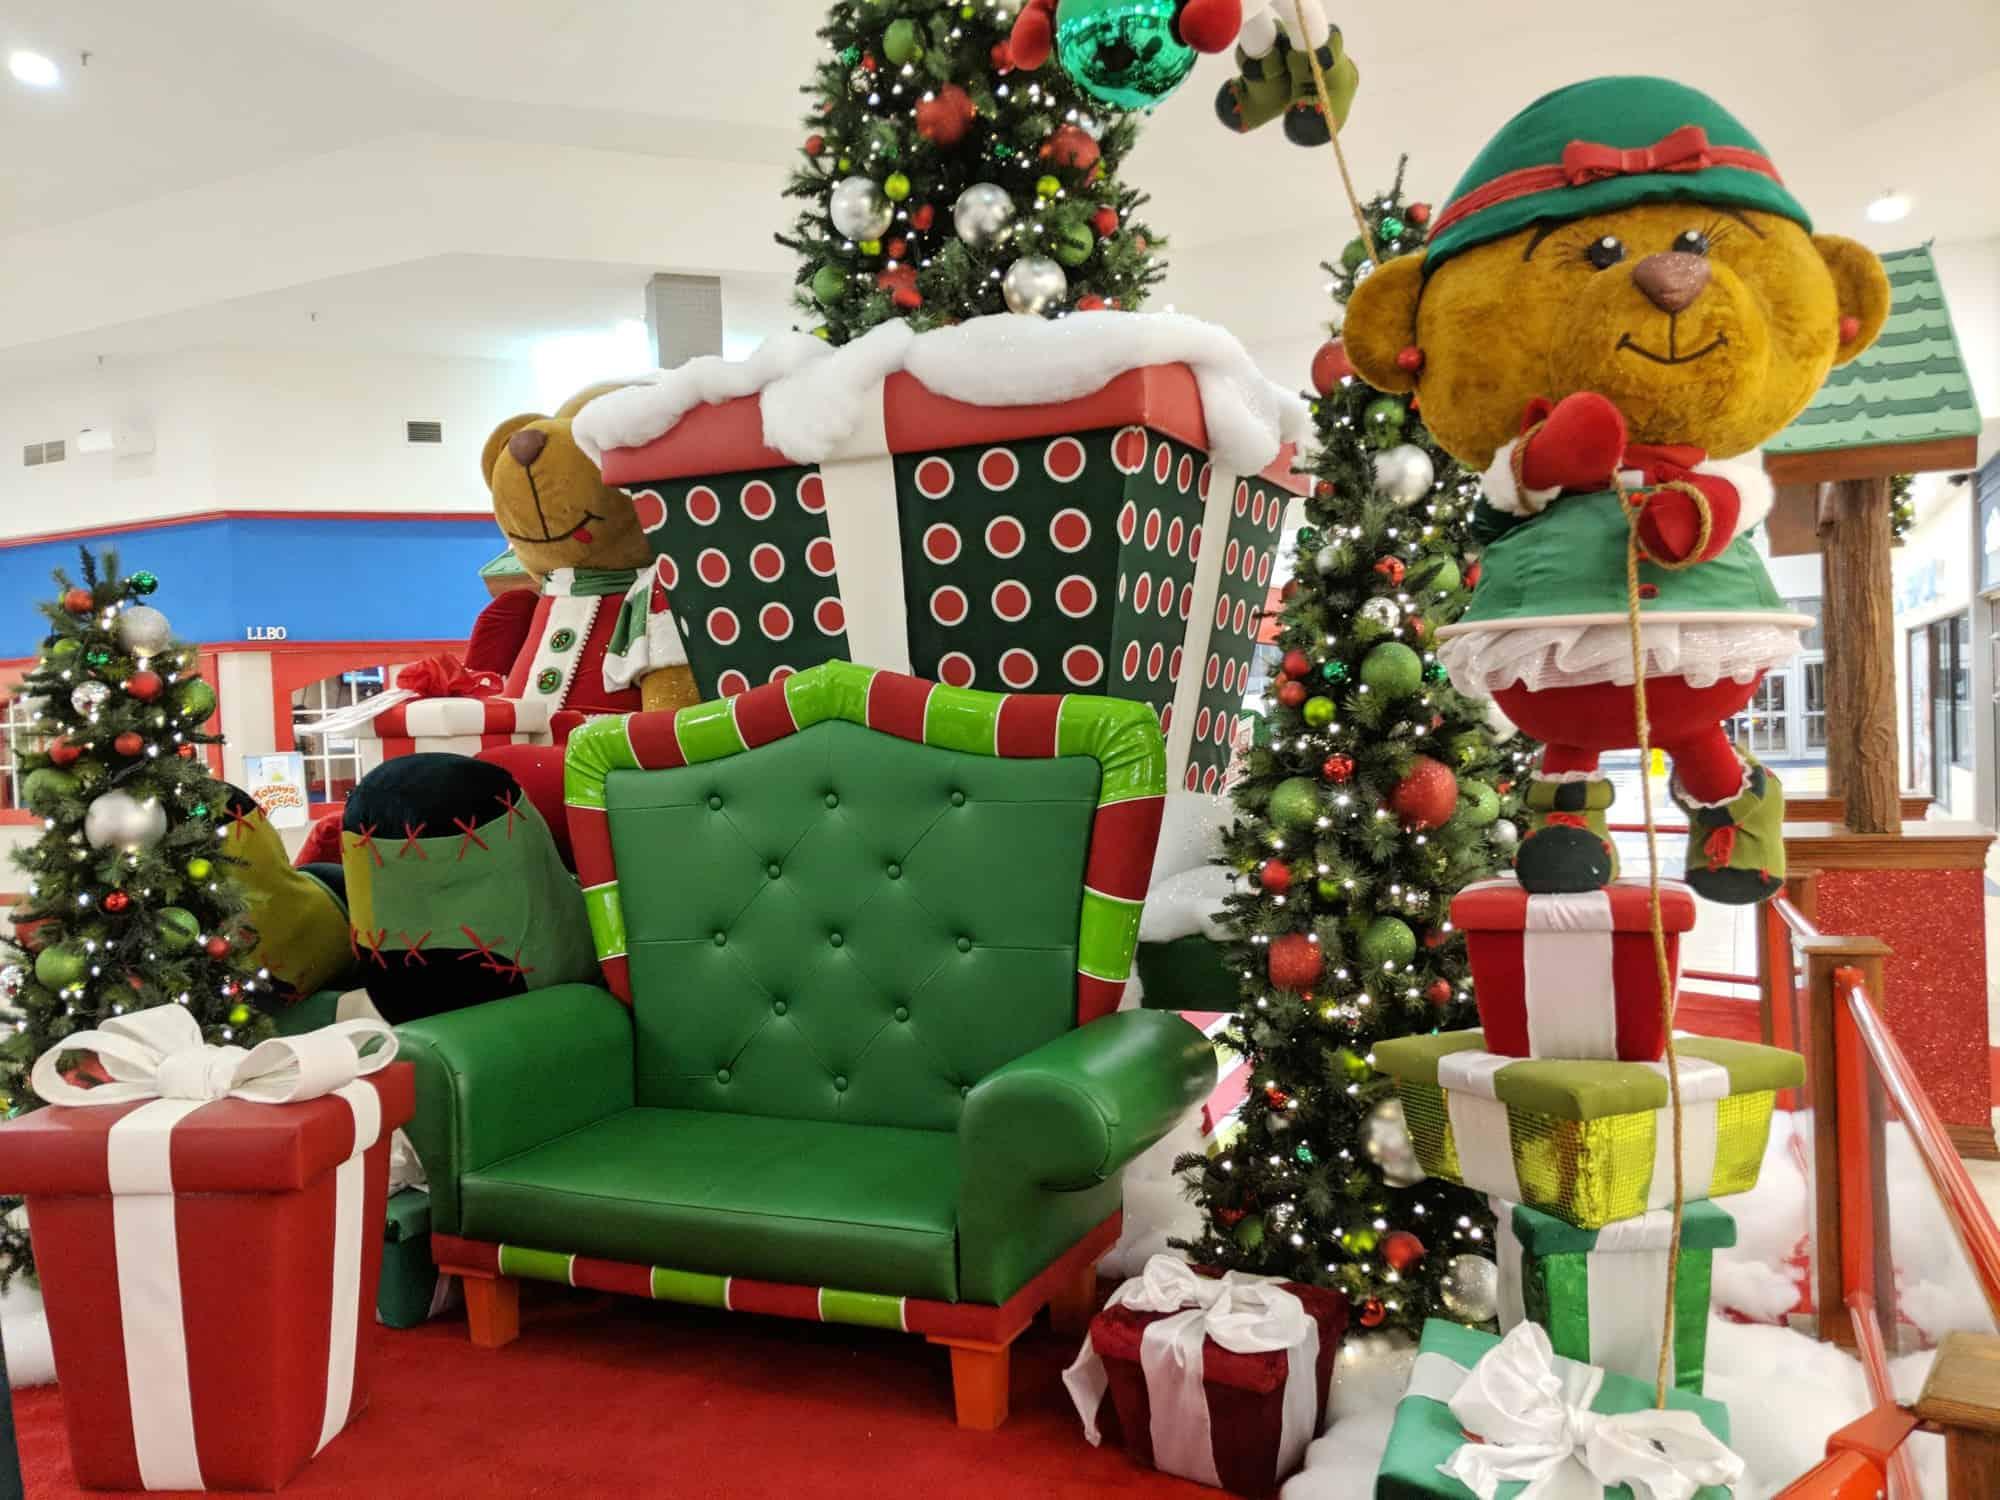 Shoppers world brampton photos with Santa